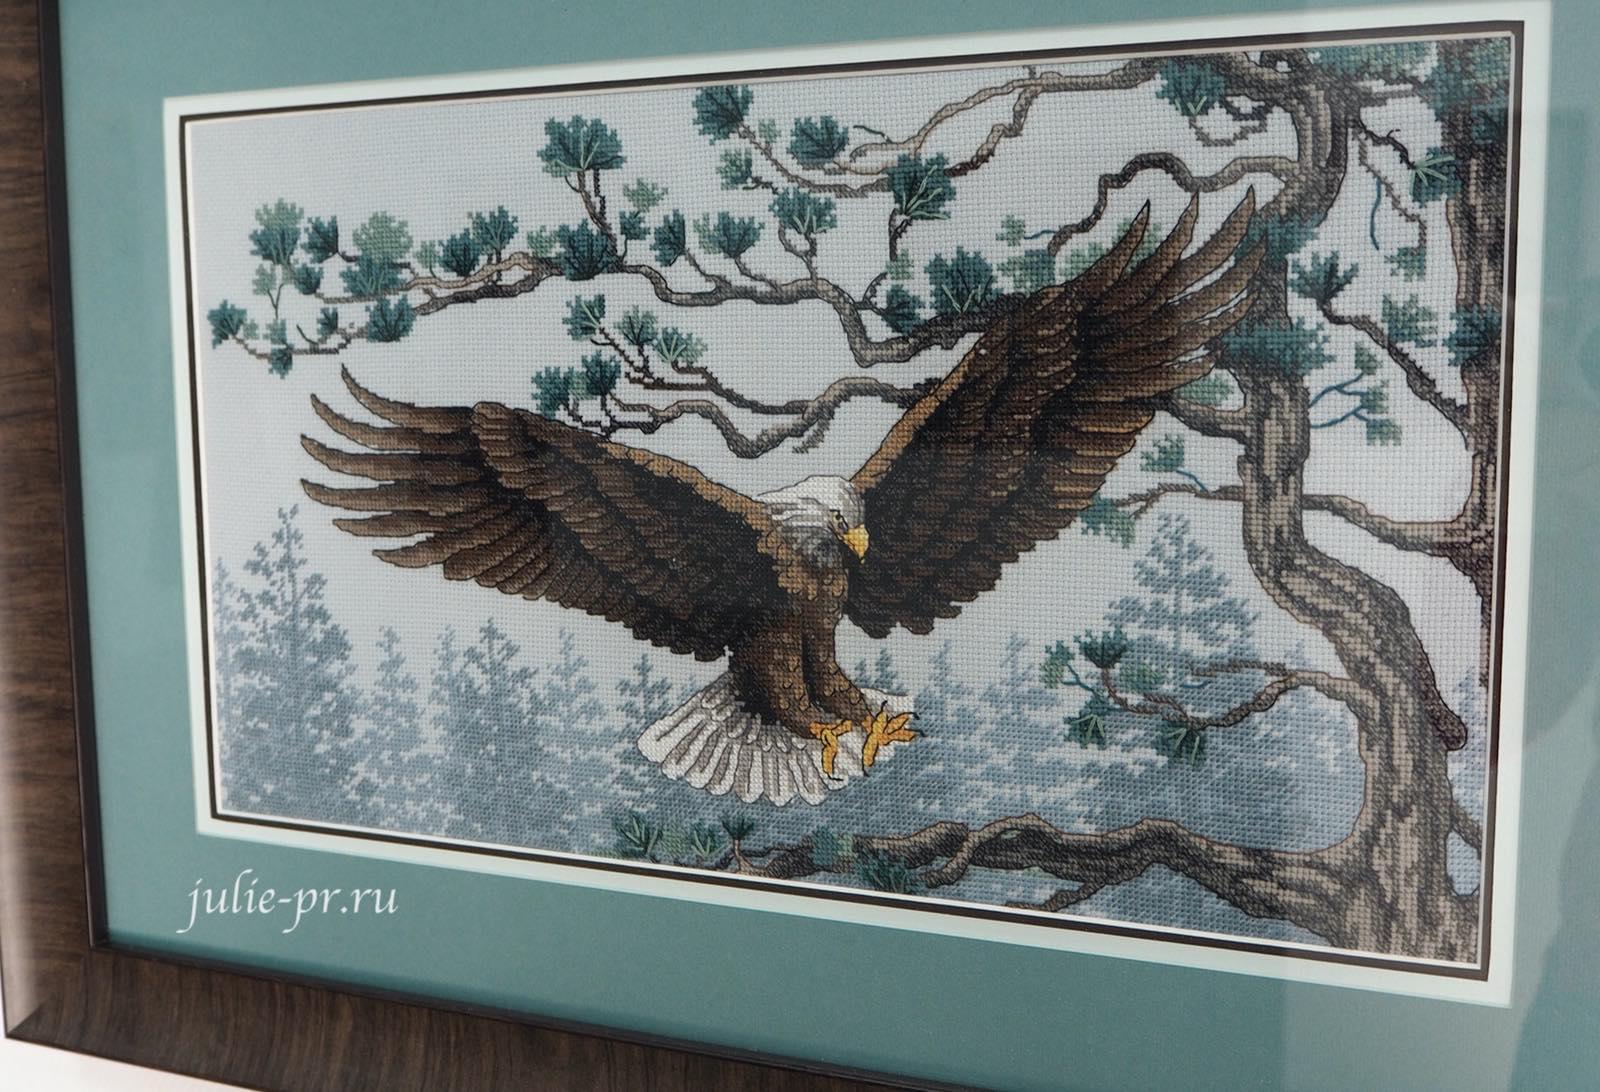 Dimensions, 13640 Majestic Eagle, Величественный орел, вышивка крестом